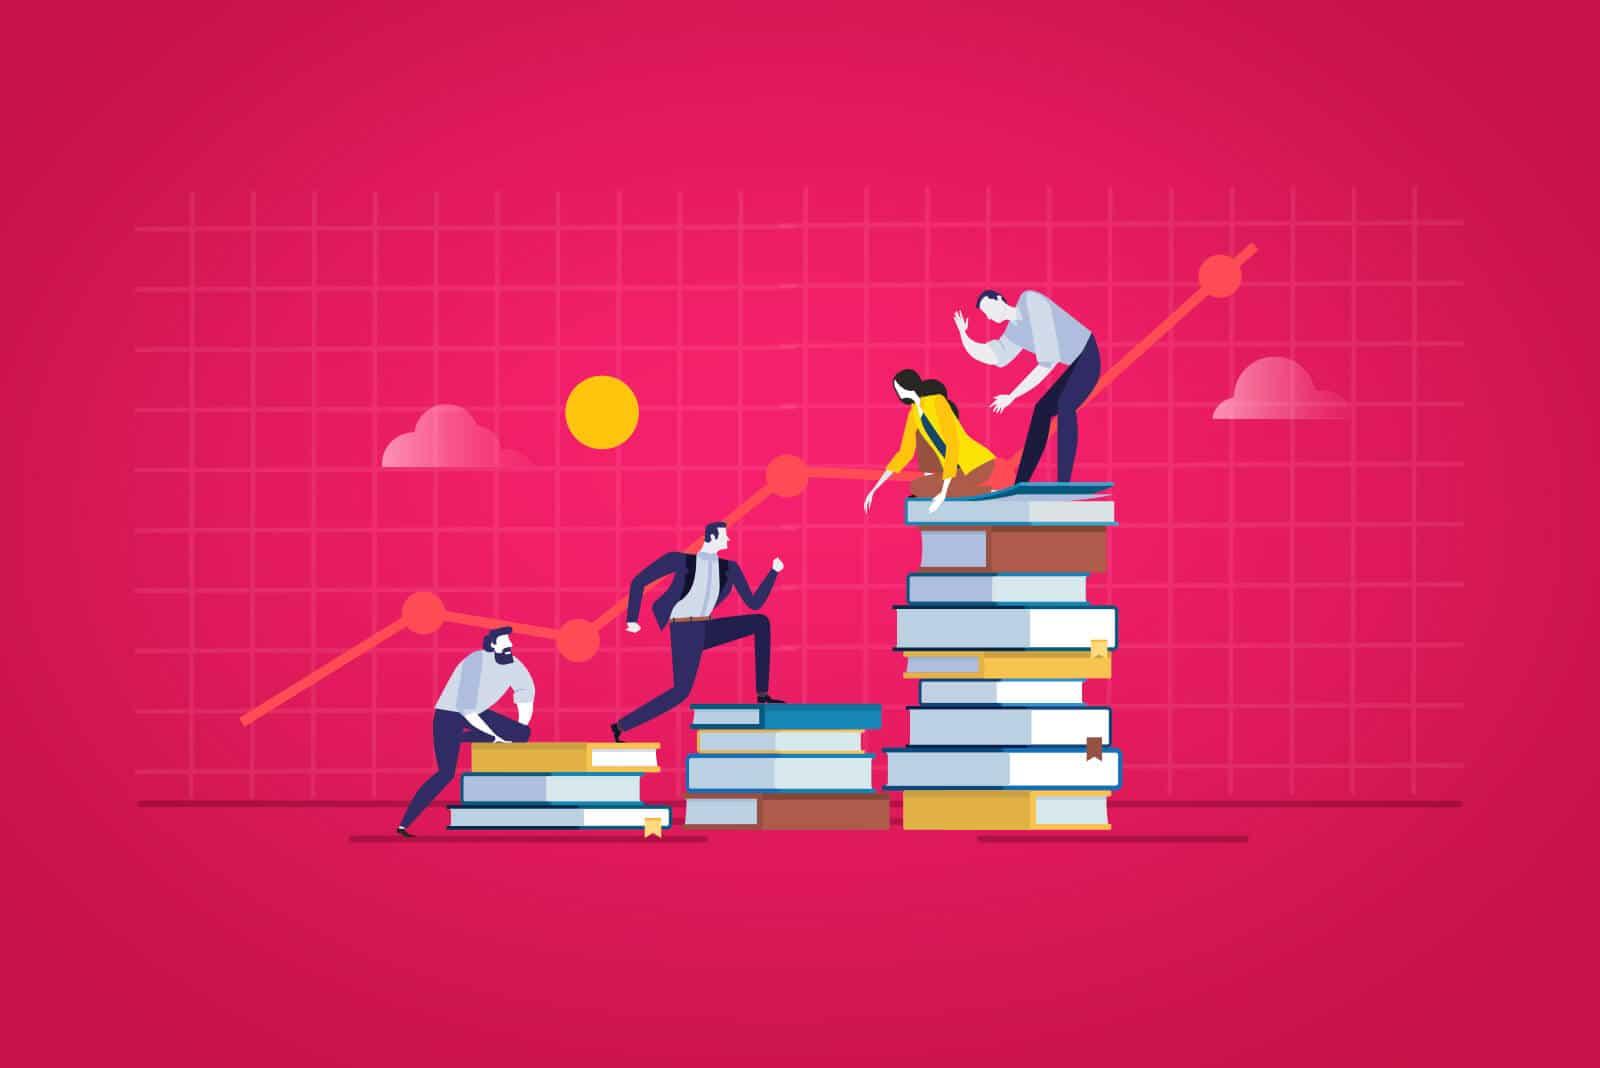 imagem-representando-glossario-de-marketing-digital